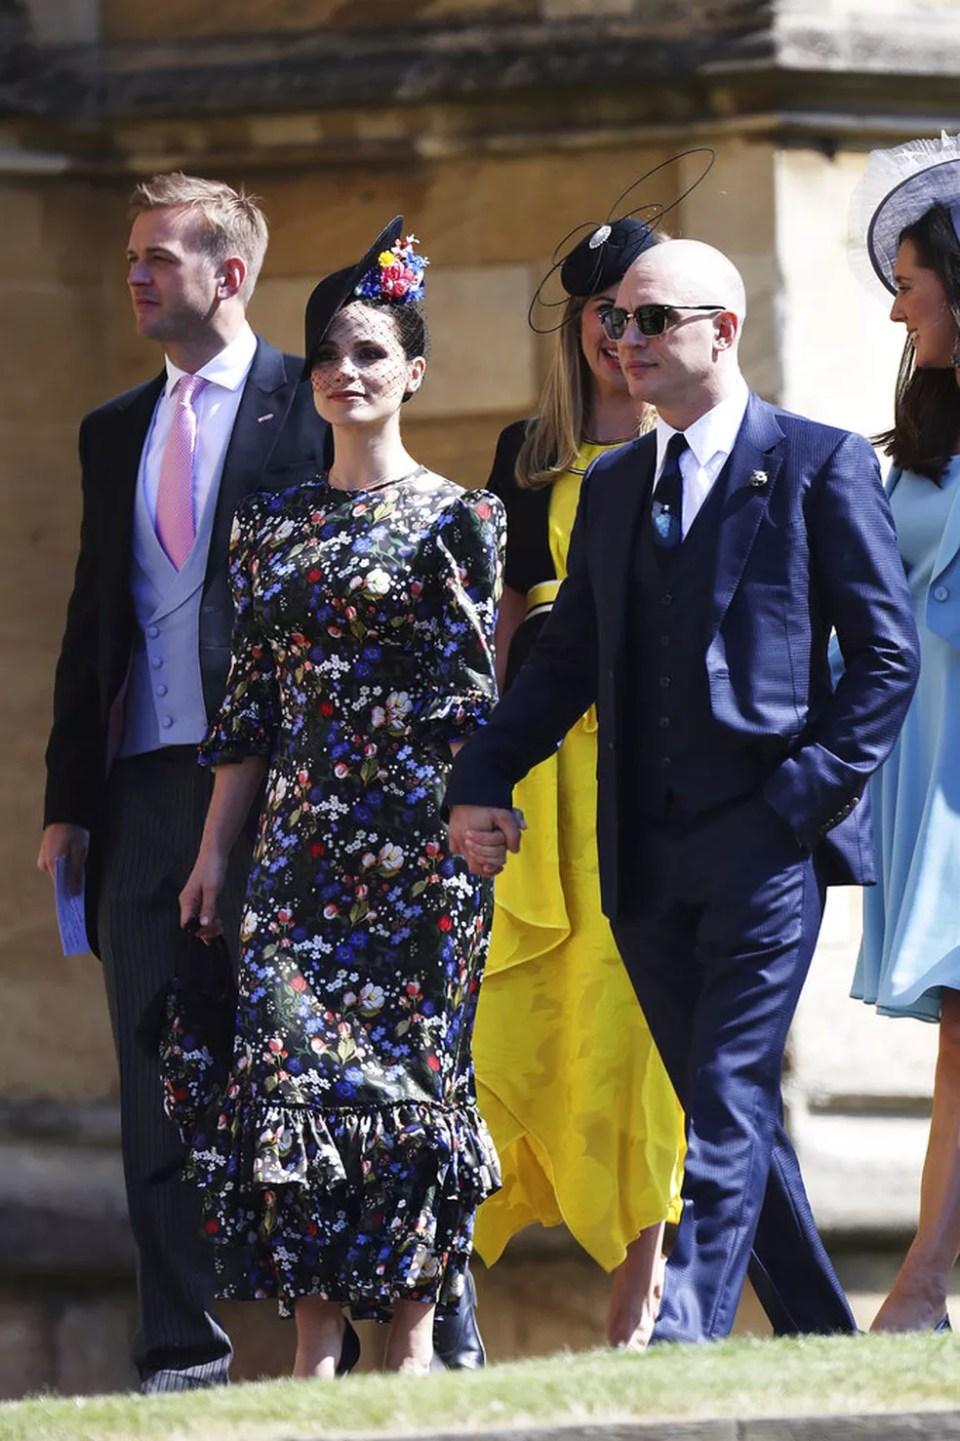 Charlotte Riley e Tom Hardy chegam para o casamento em Windsor (Foto: AP/Chris Jackson)